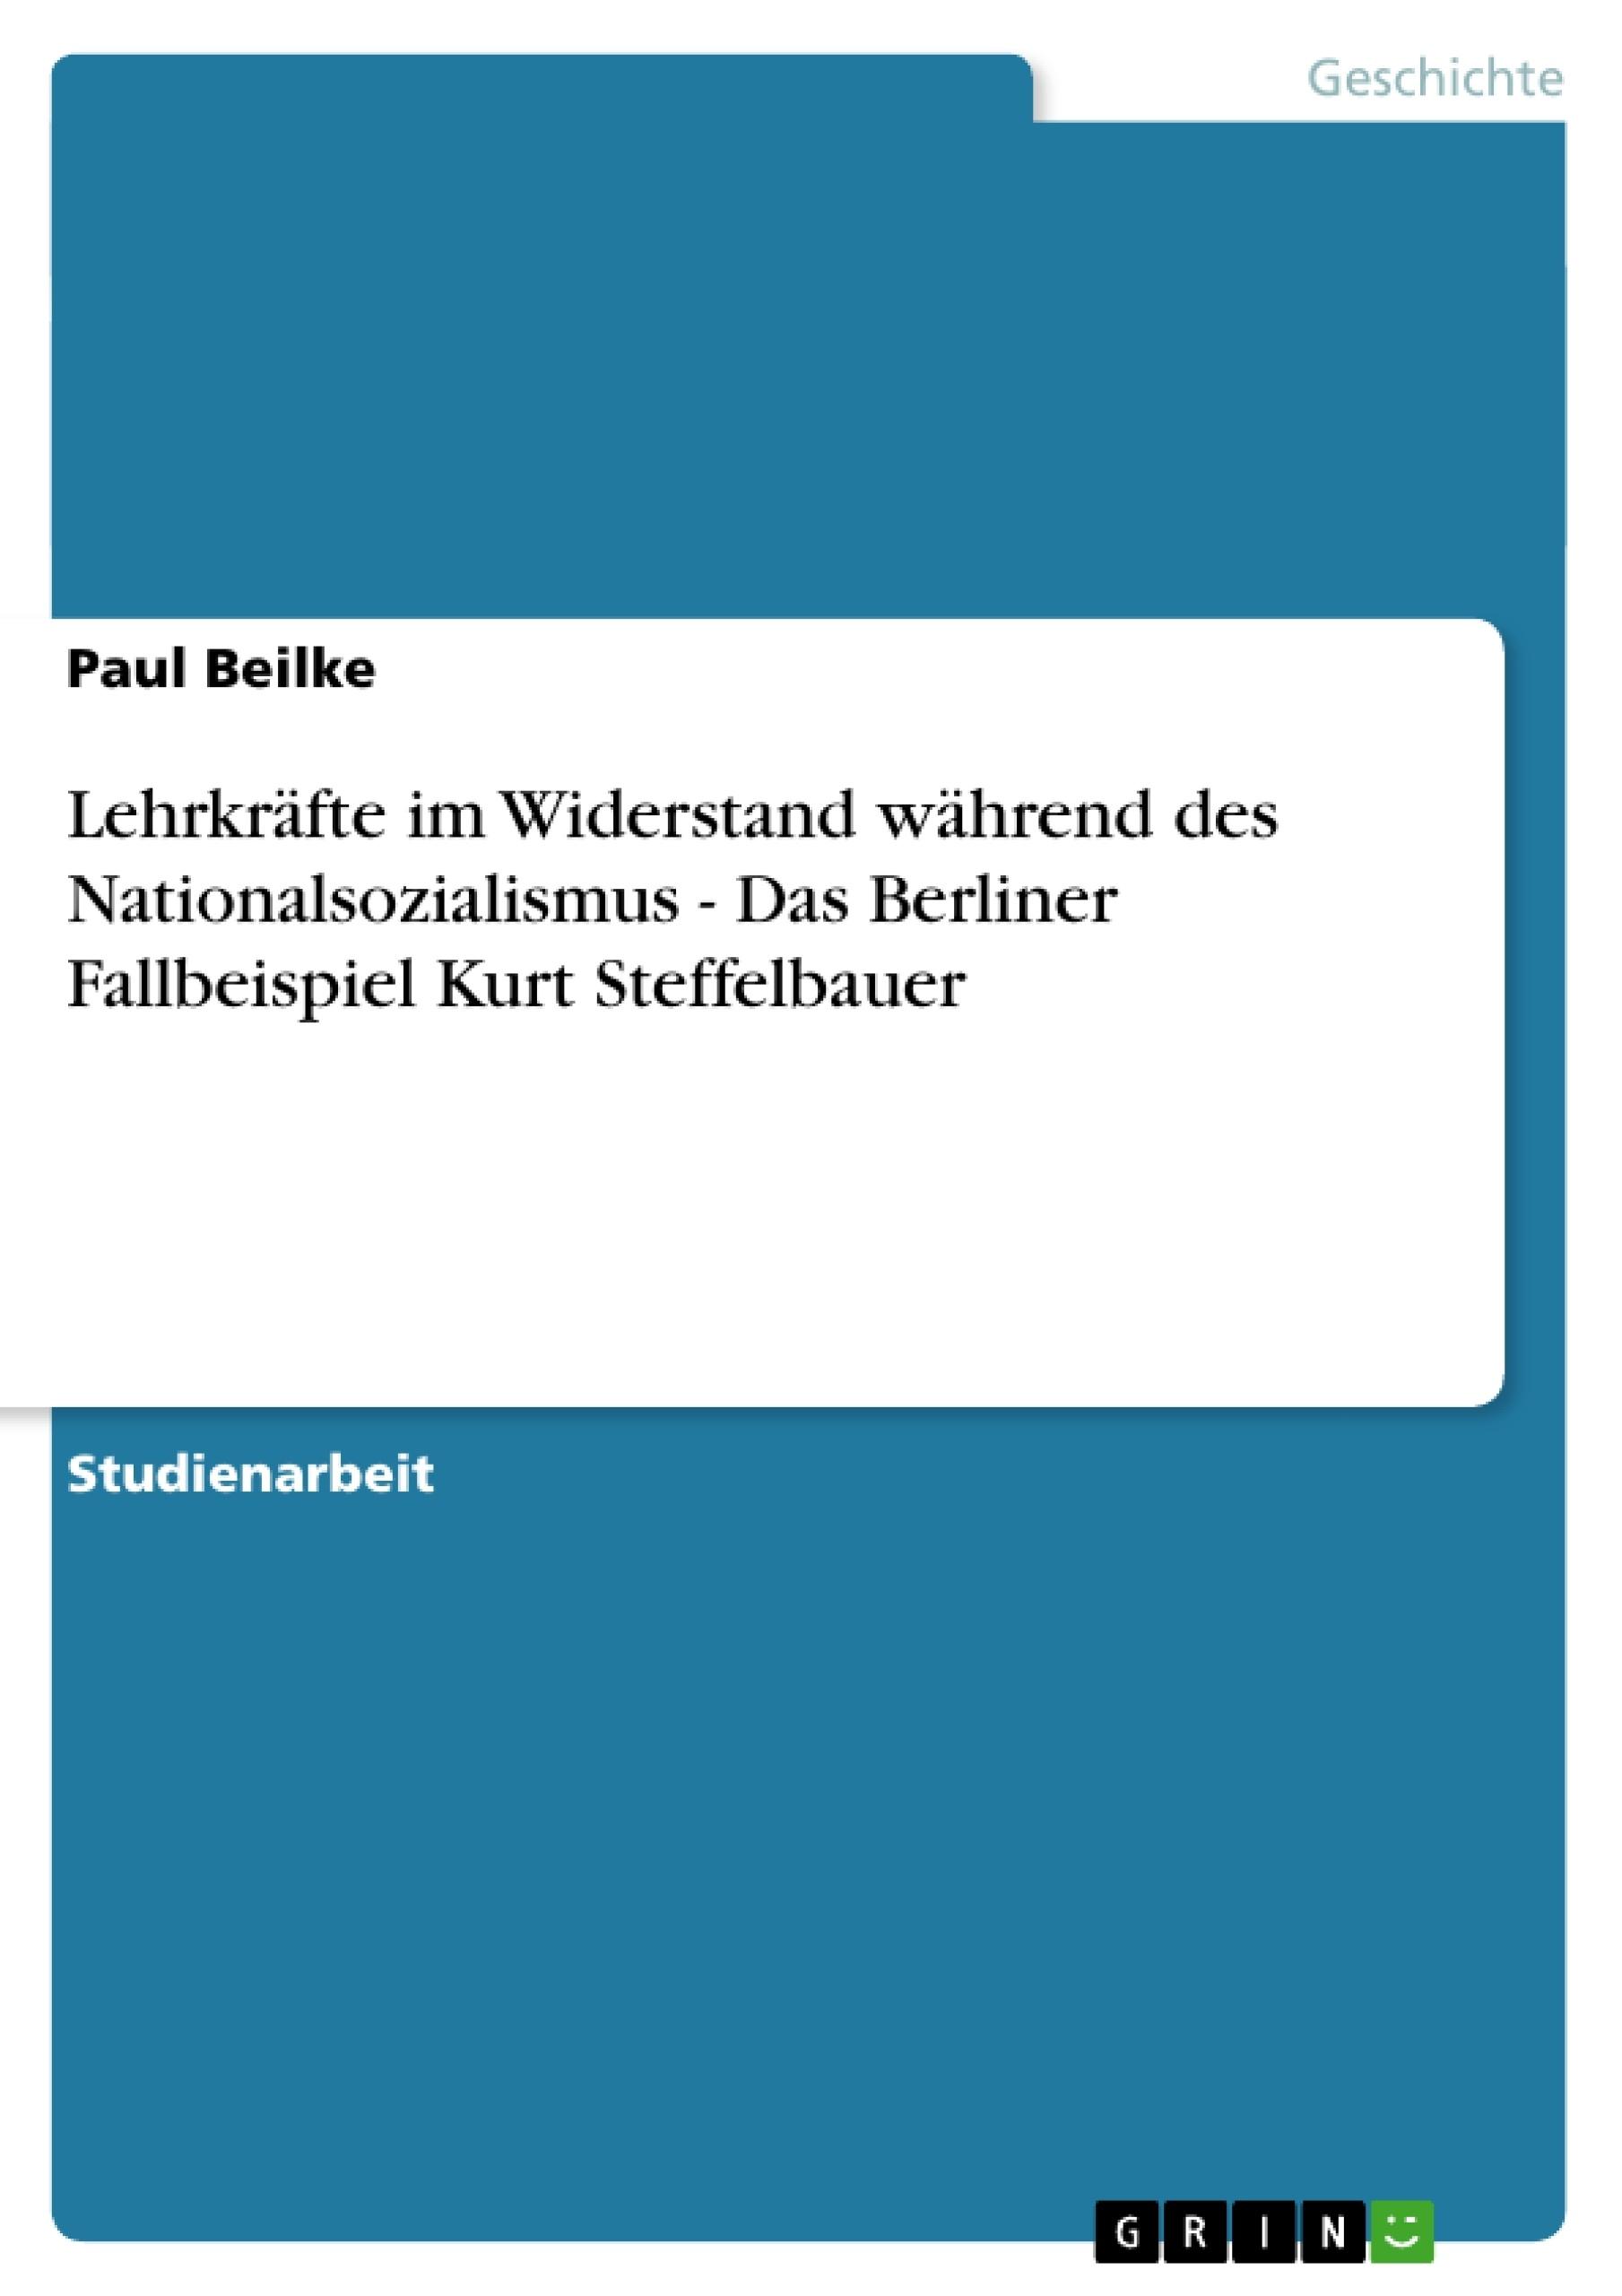 Titel: Lehrkräfte im Widerstand während des Nationalsozialismus - Das Berliner Fallbeispiel Kurt Steffelbauer